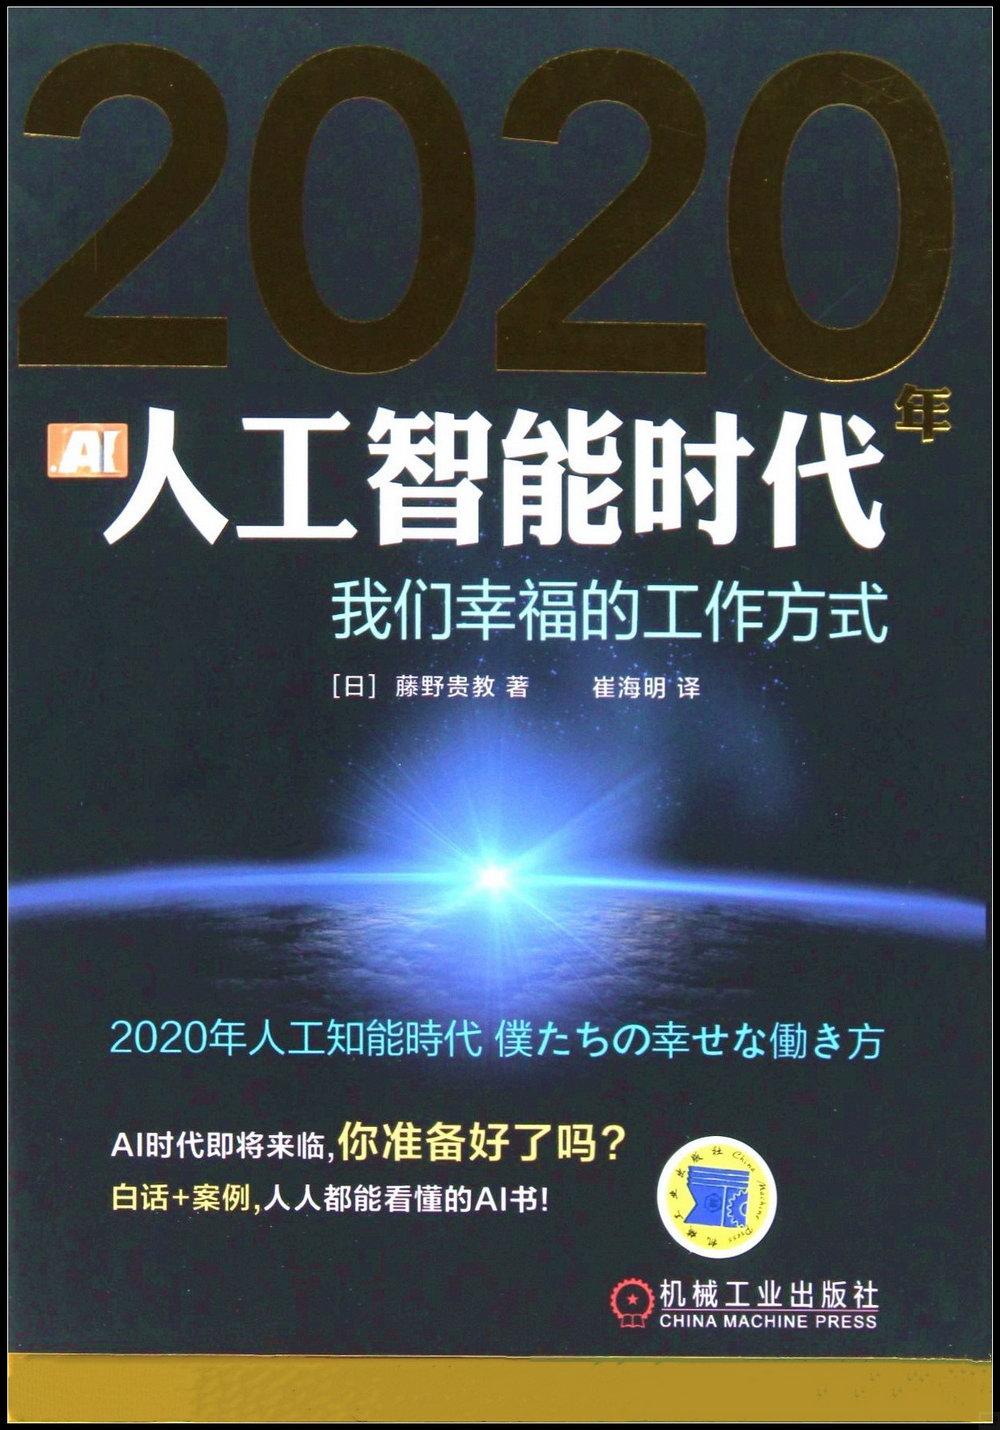 2020年人工智慧時代:我們幸福的工作方式